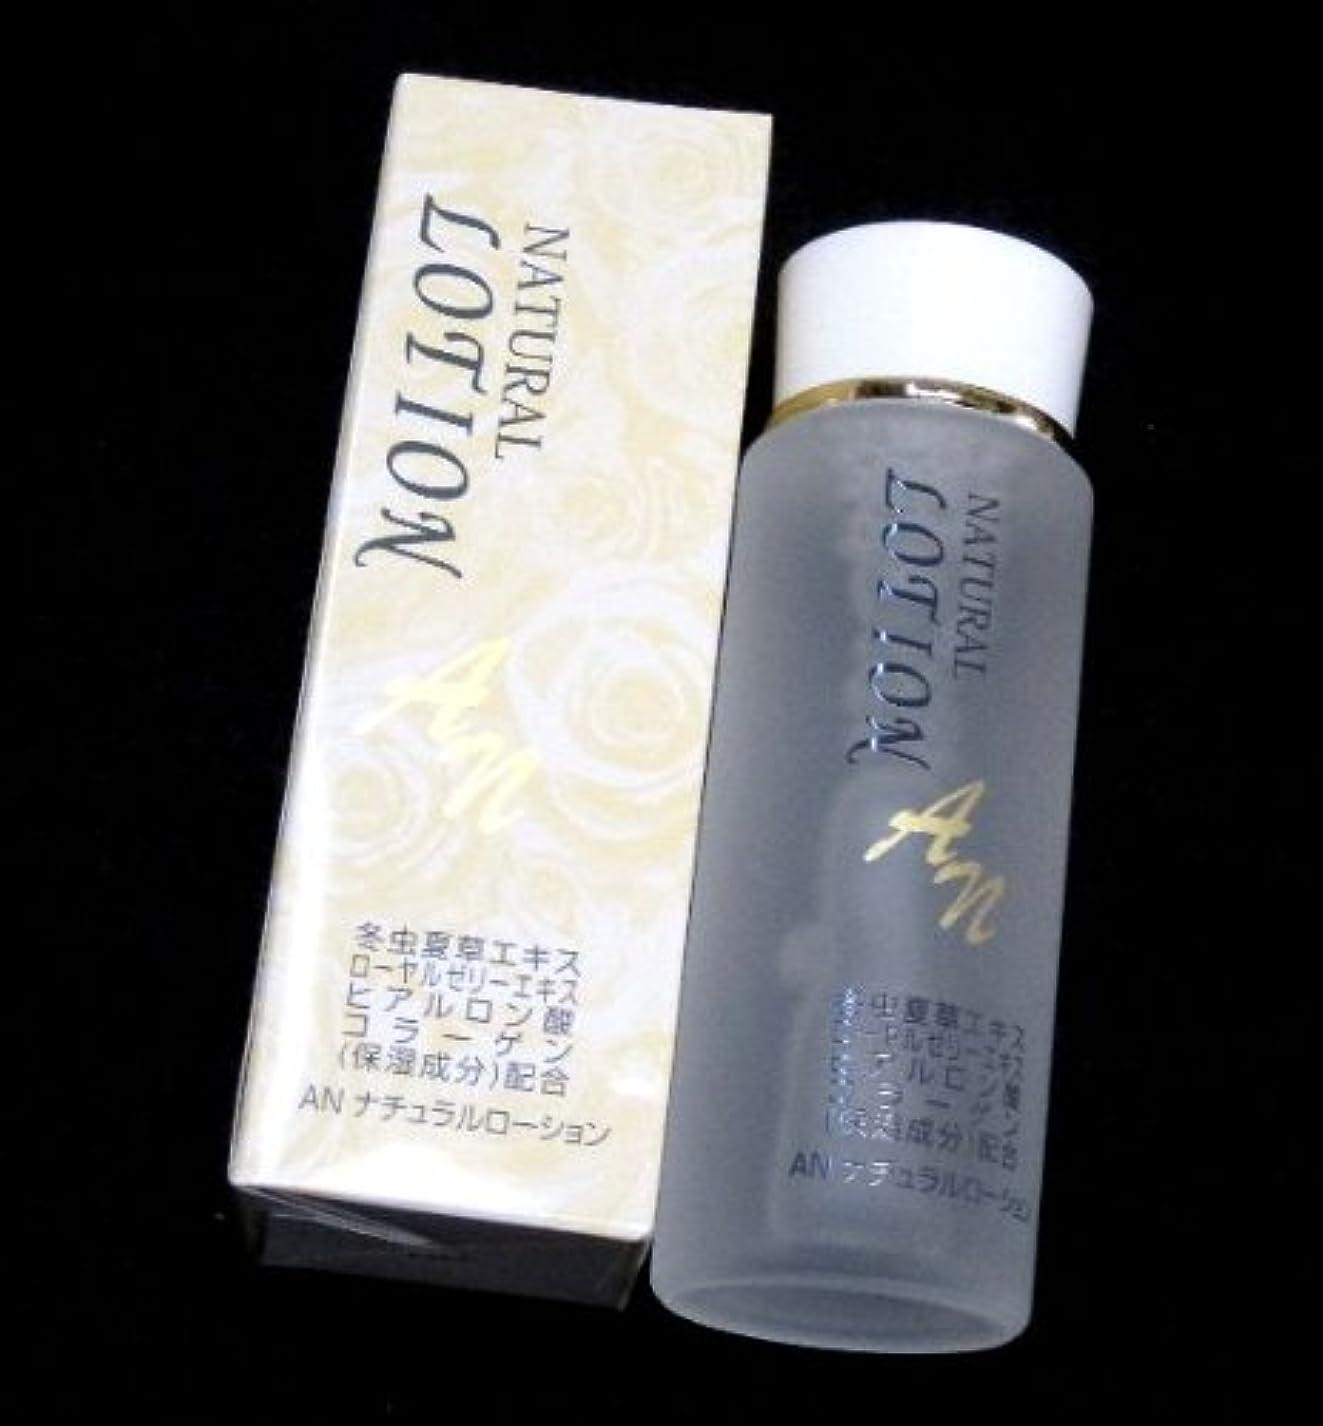 AN ナチュラルローション(化粧水) 自然美肌